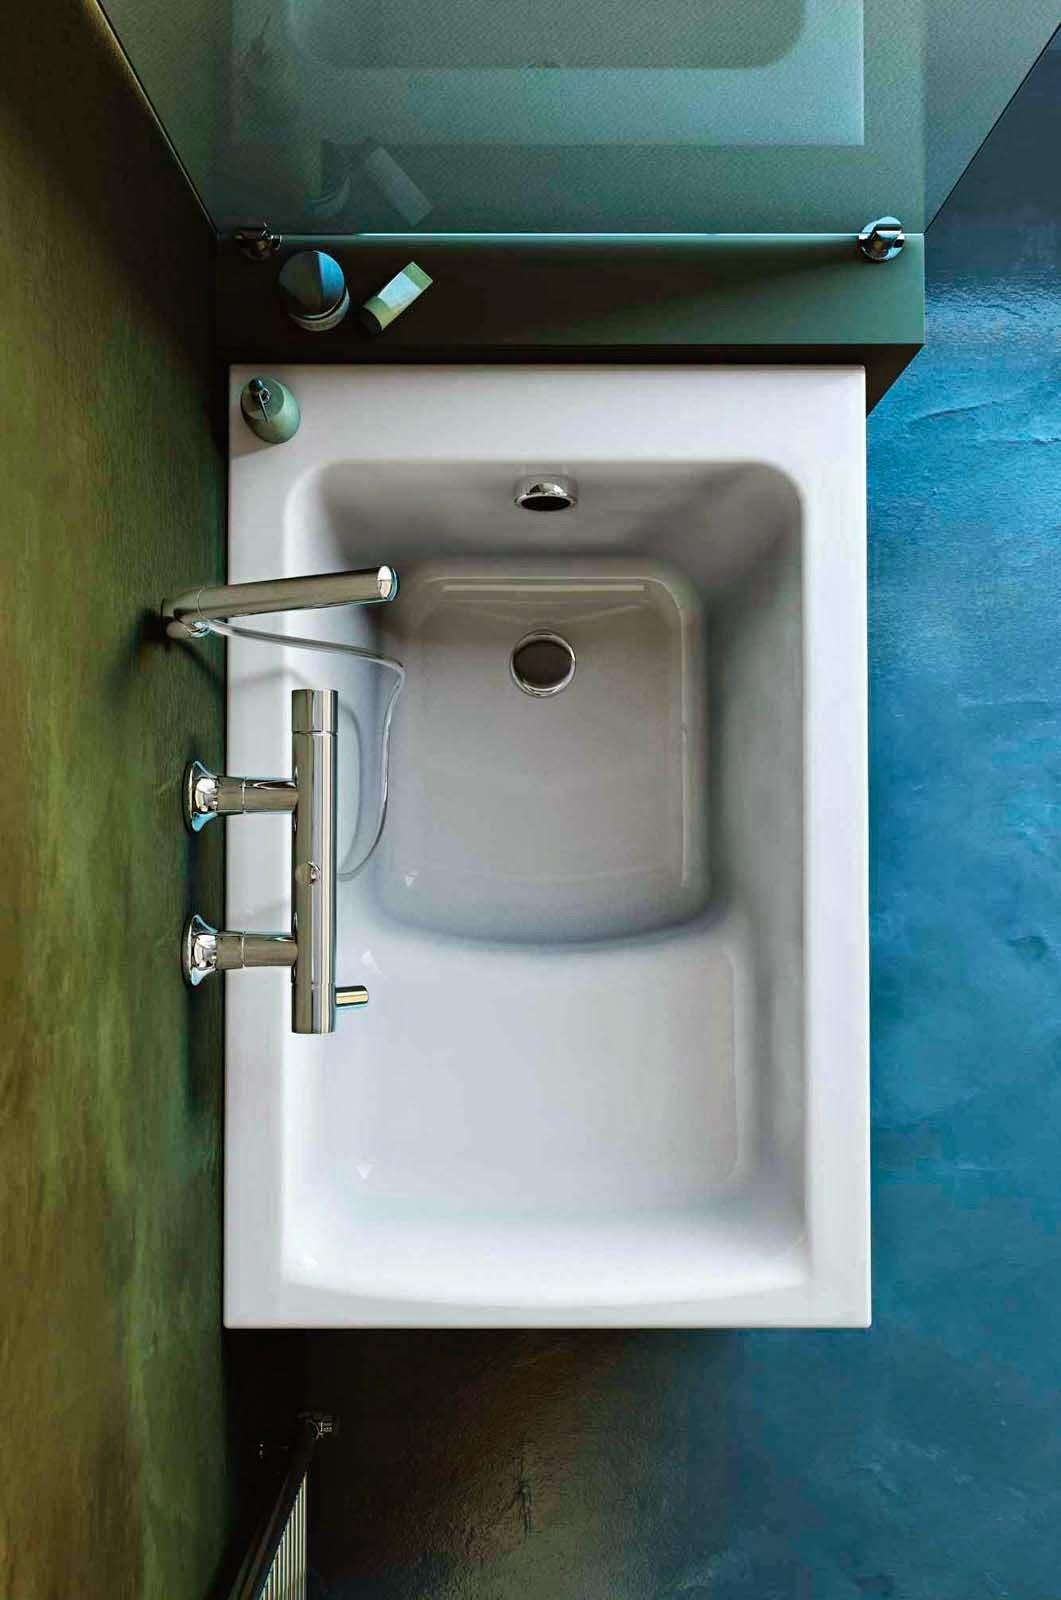 Ceramiche appia nuova vasca quante soluzione per un bagno di piacere - Vasca da bagno angolare piccola ...